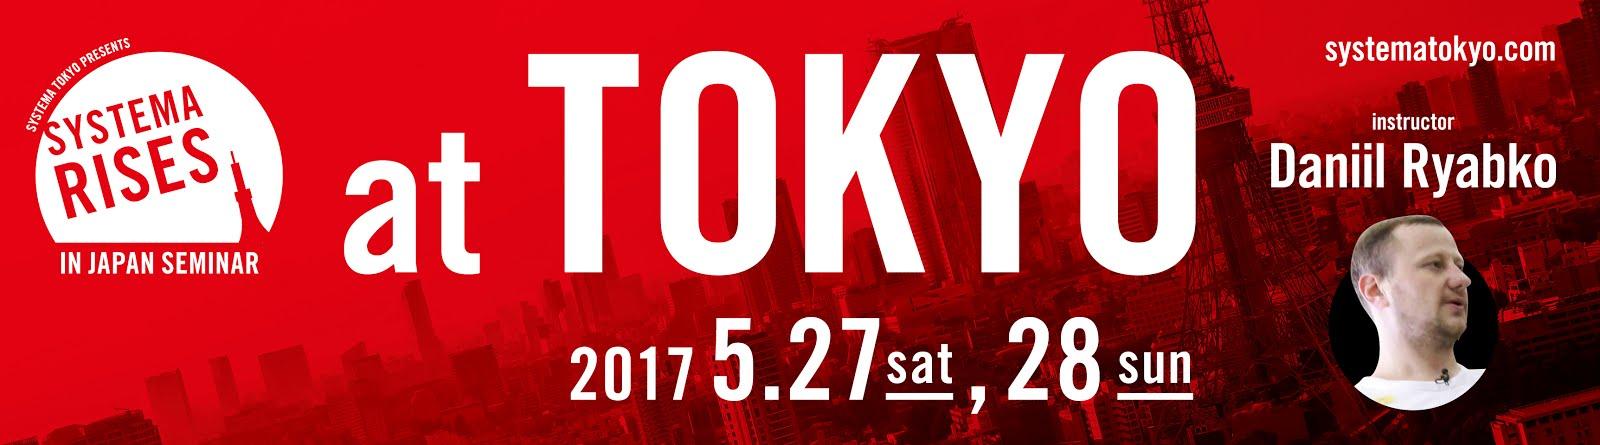 ダニール・リャブコ東京セミナー受付開始!